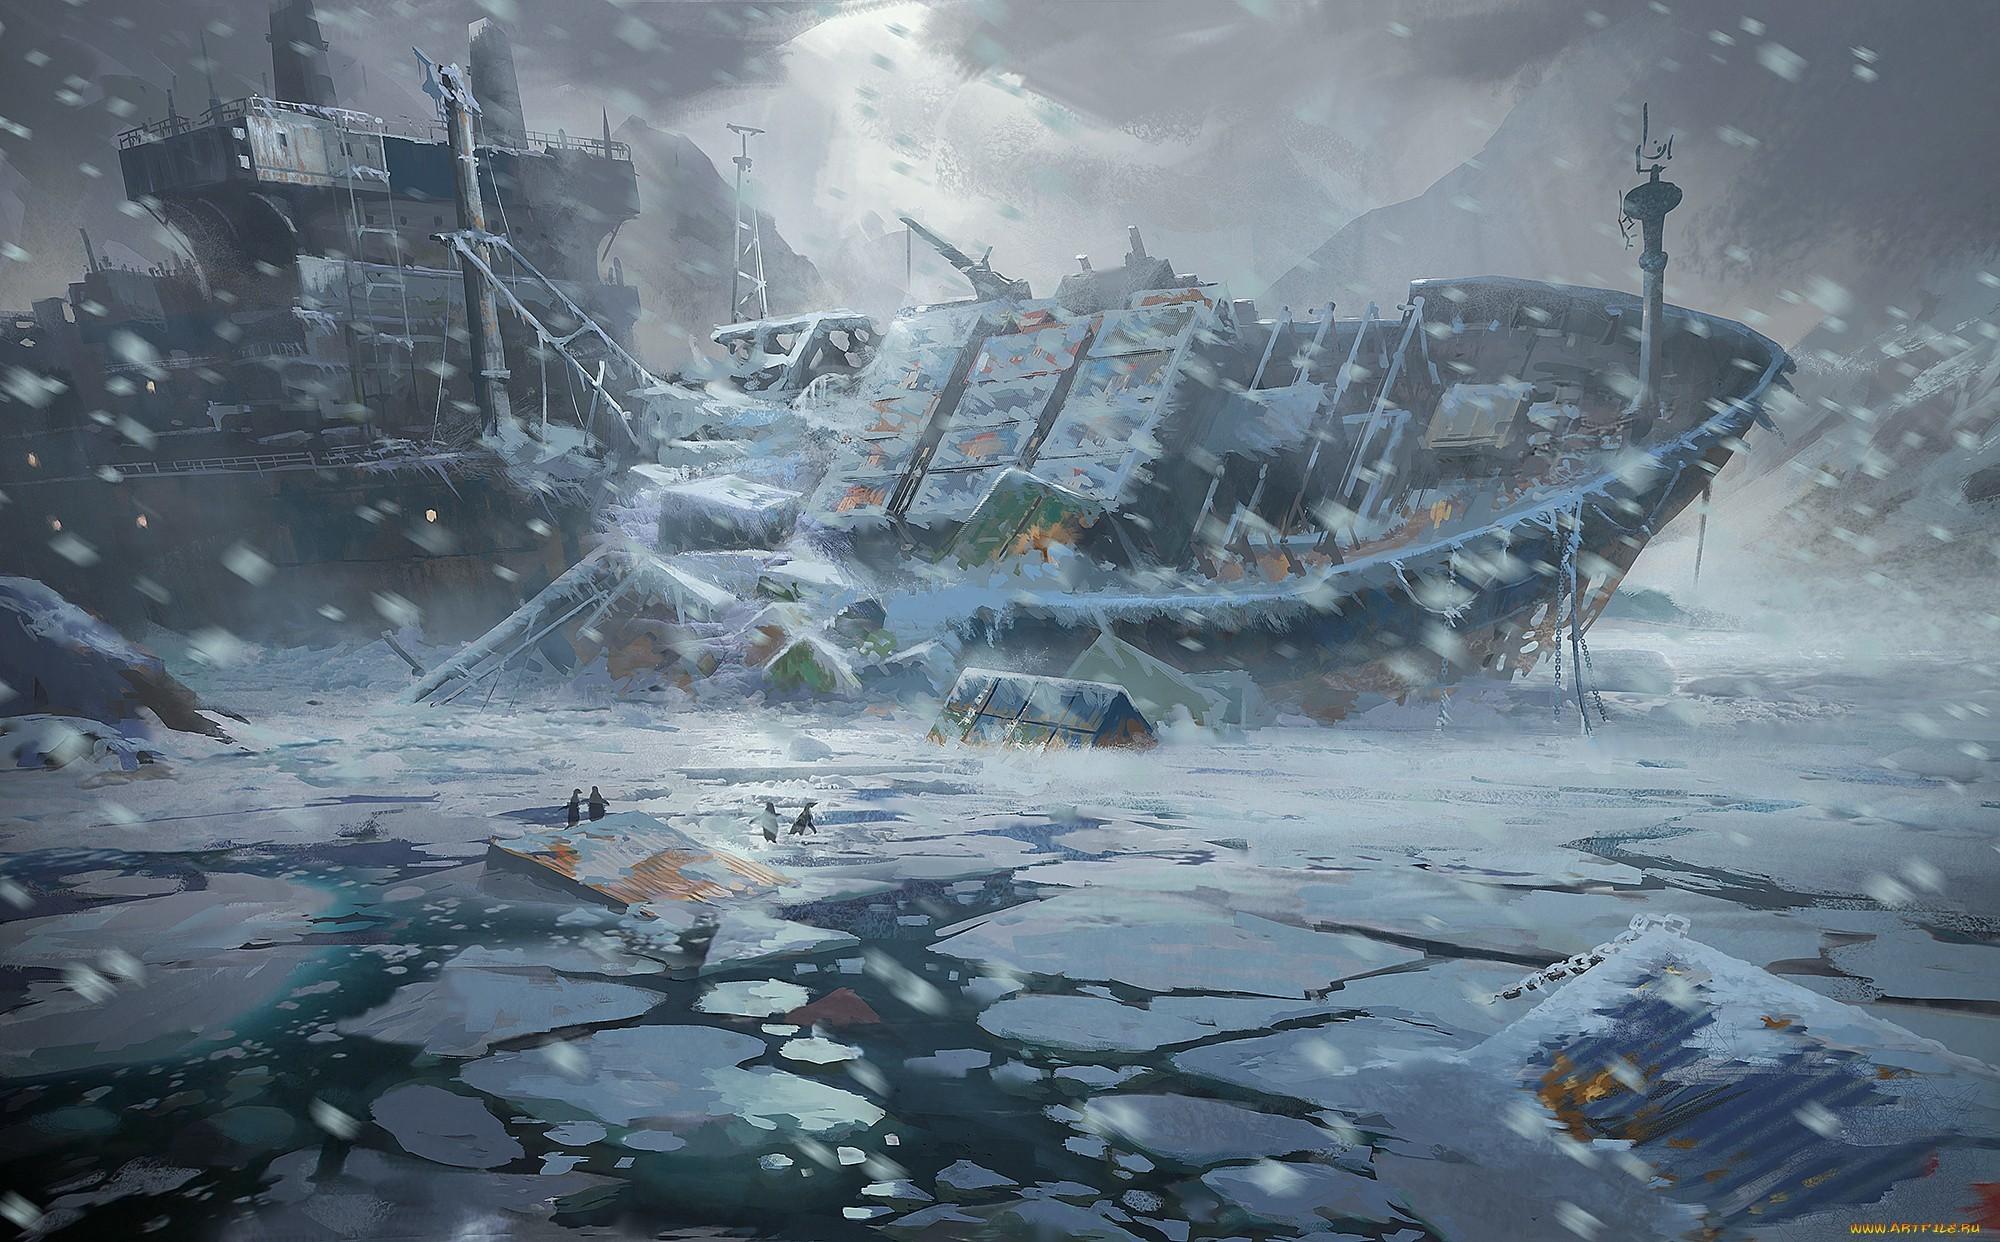 Res: 2000x1242, #artwork, #Arctic, #shipwreck, wallpaper